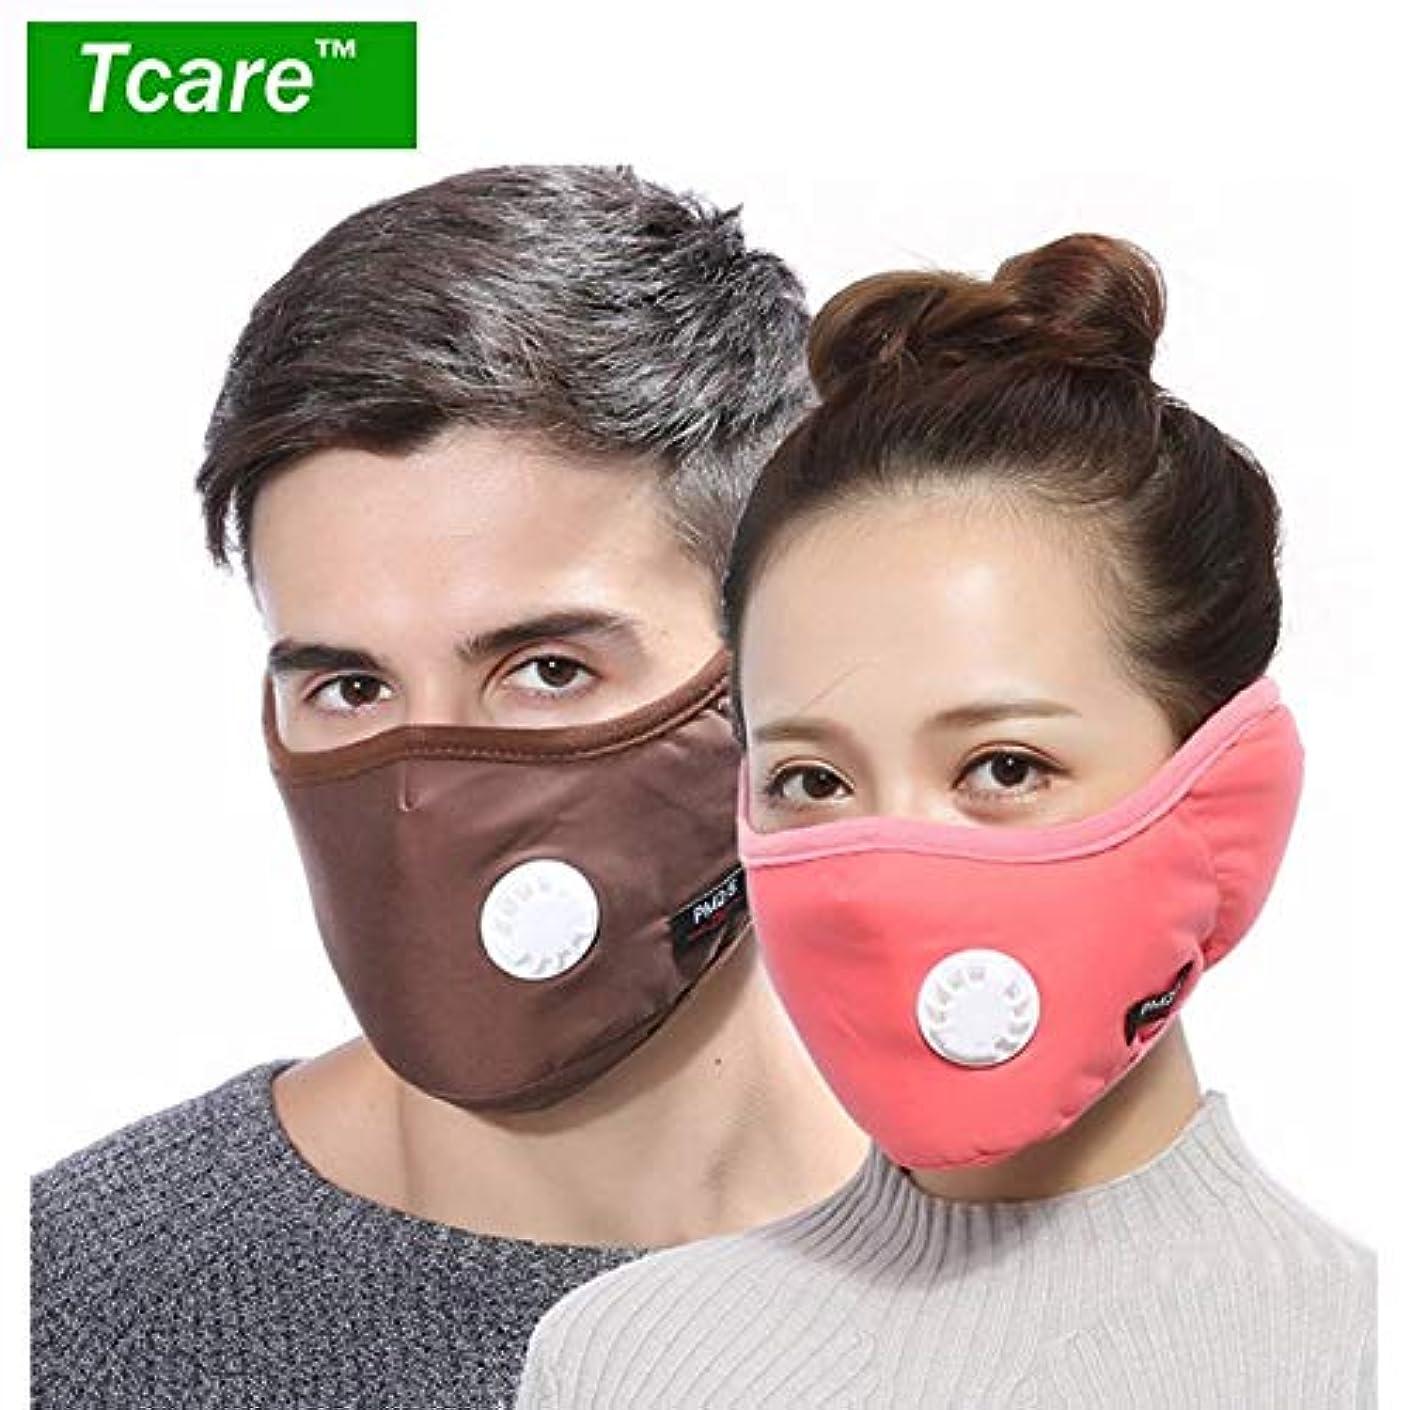 クリップ蝶どこでも海上3ダーク:1 PM2.5マスクバルブコットンアンチダスト口マスクの冬のイヤーマフActtedフィルター付マスクでTcare 2